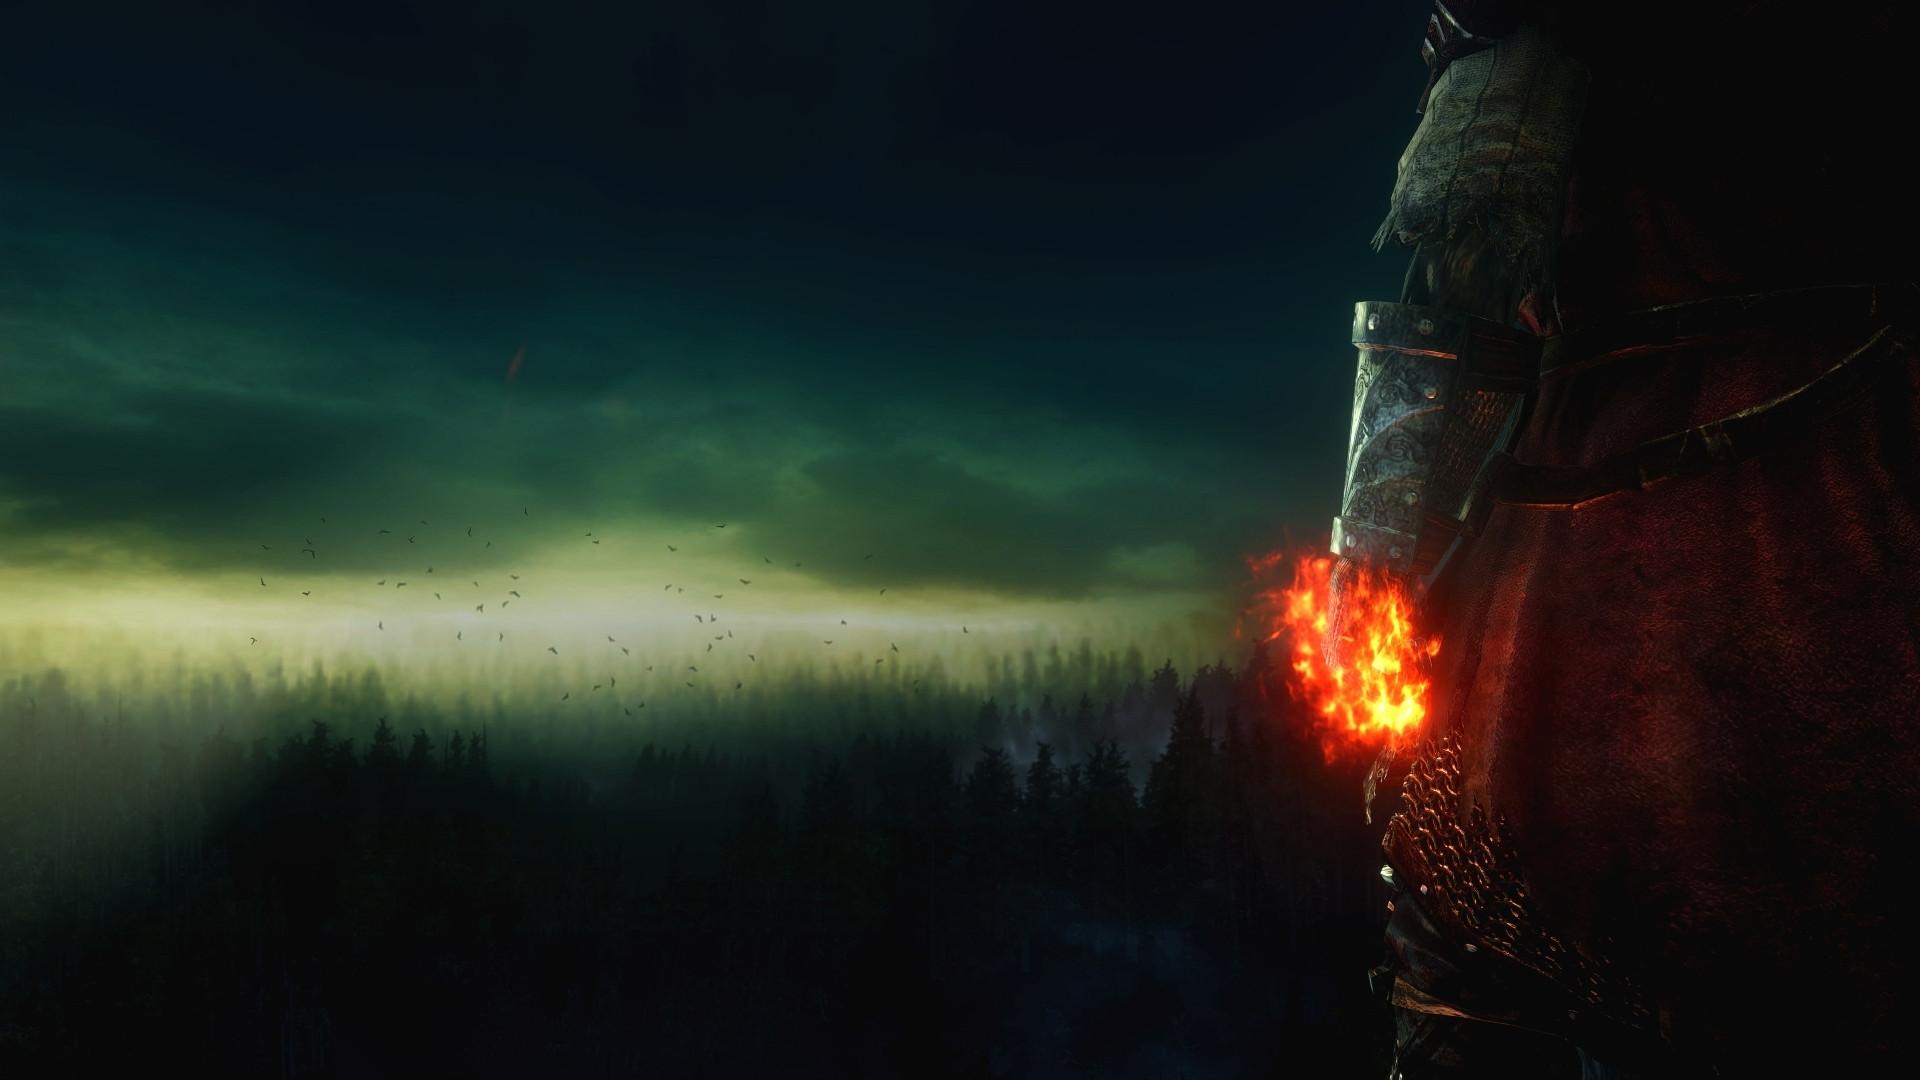 Wallpaper 29 From Dark Souls II